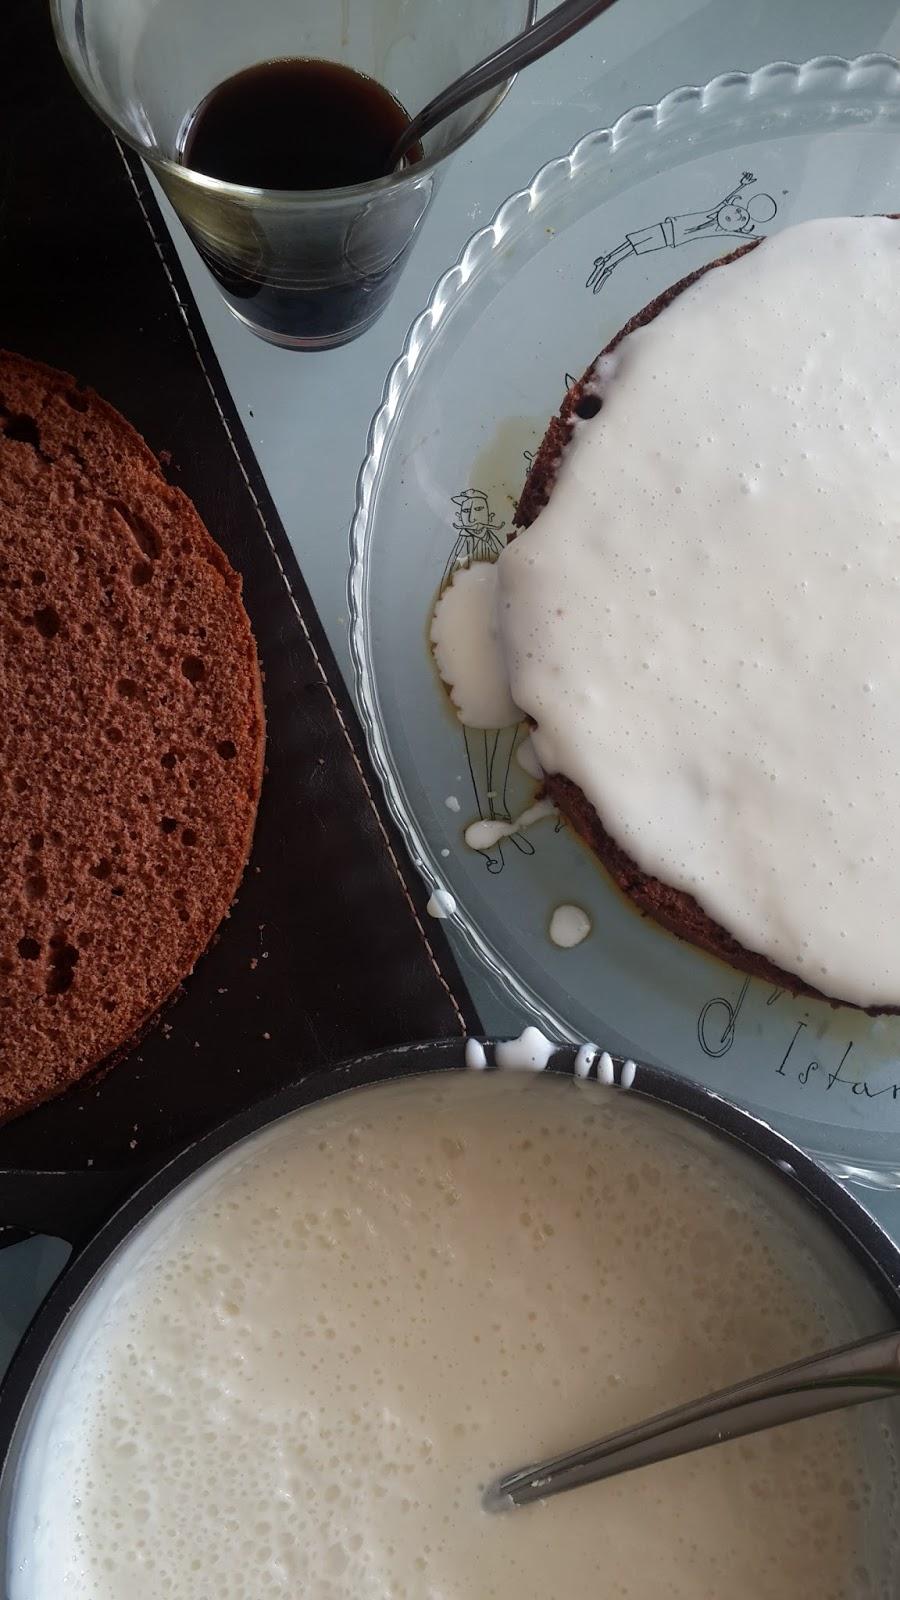 Ekşi krema ve yoğunlaştırılmış sütden bir kek için lezzetli bir krem hazırlıyoruz